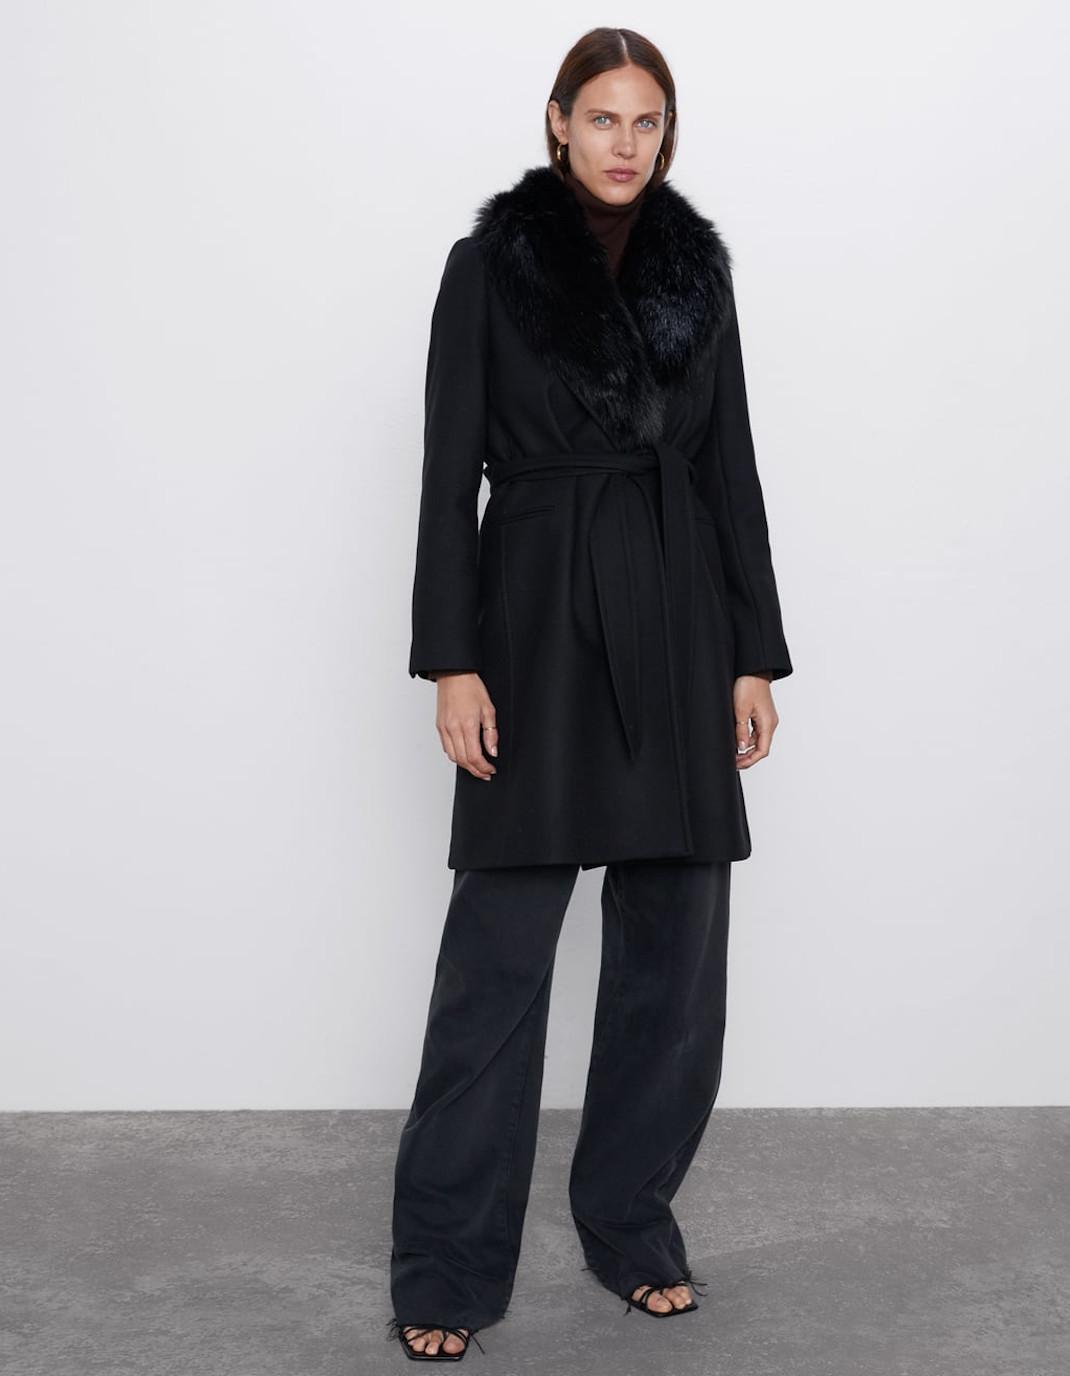 γυναίκα φορά παλτό με γούνα